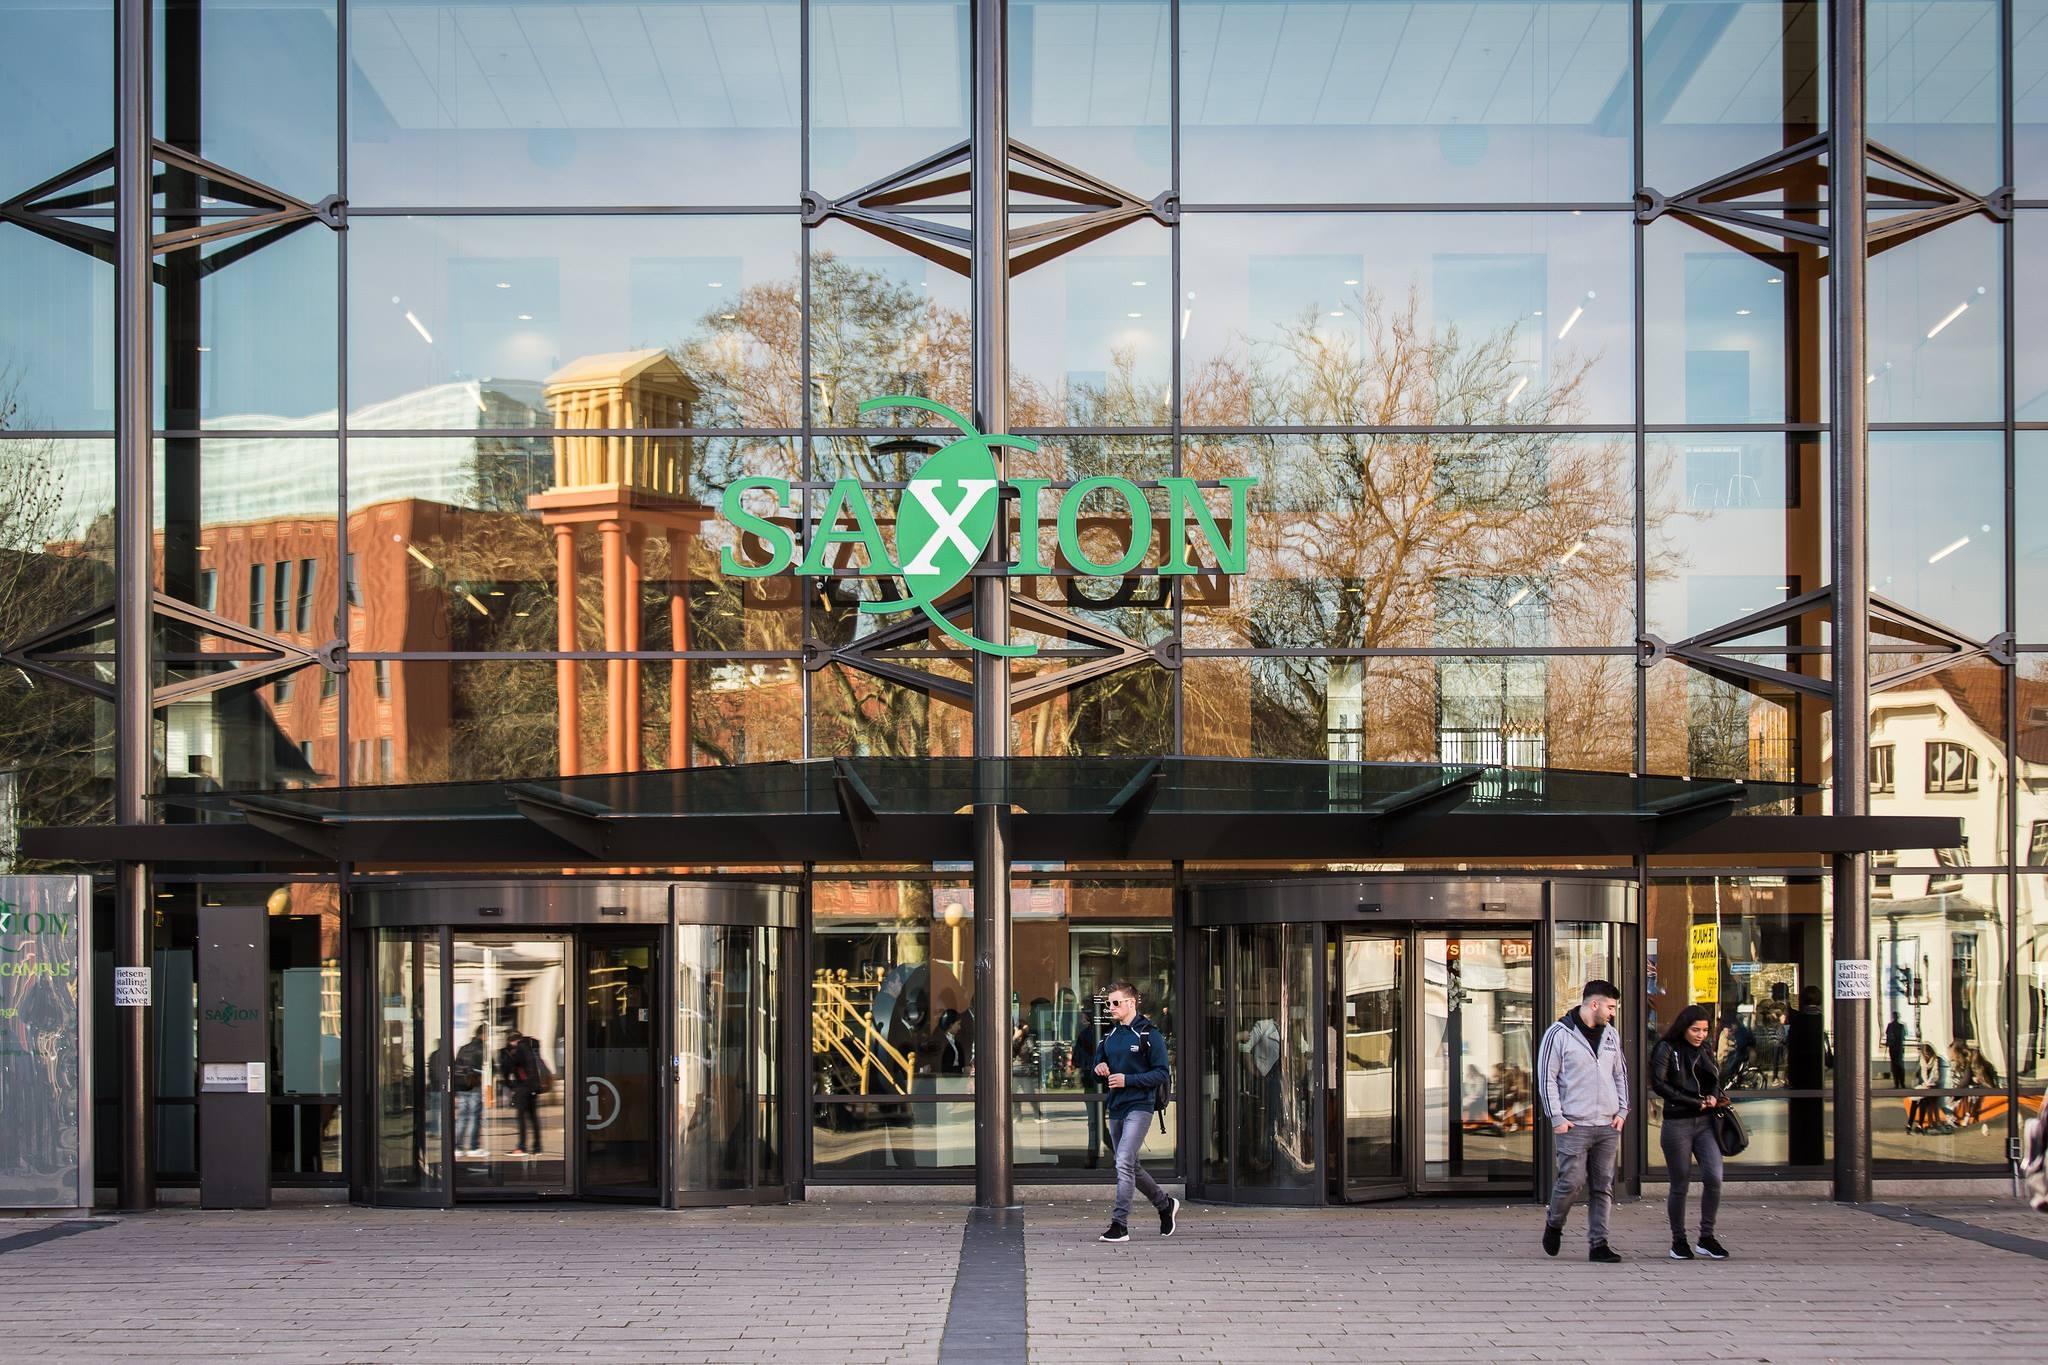 Saxion Open in Apeldoorn